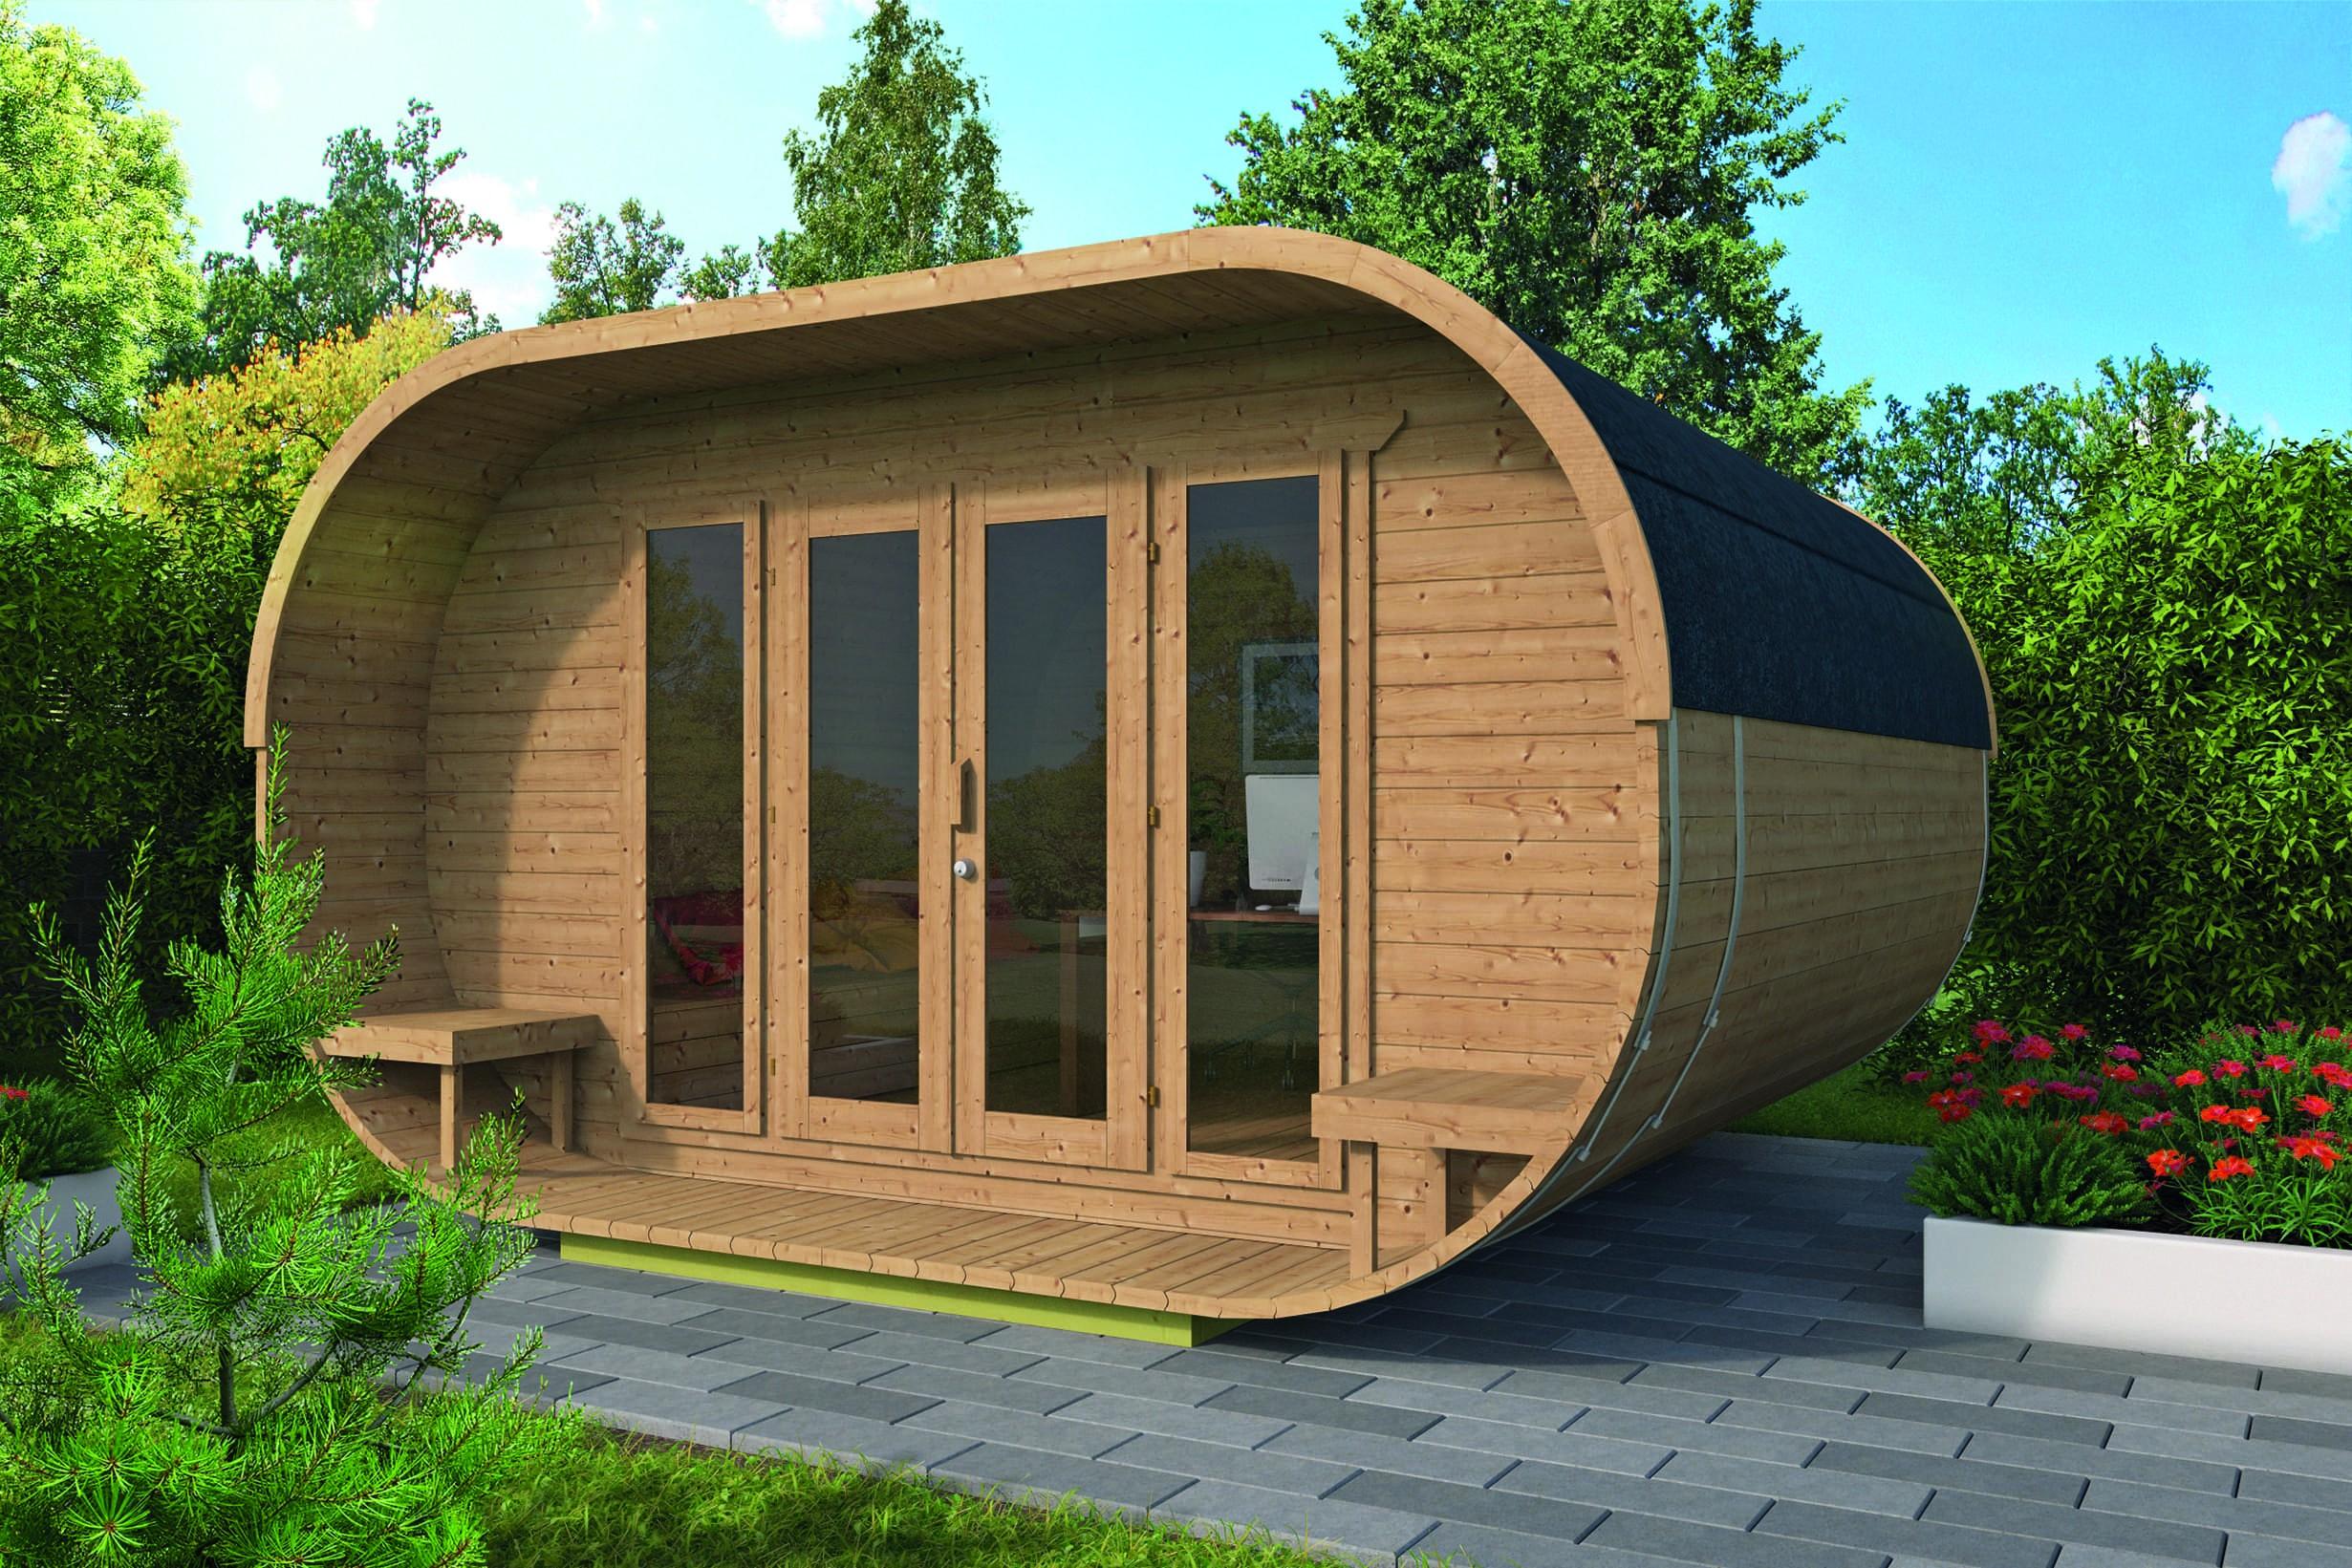 Zahradní domek Camping Oval